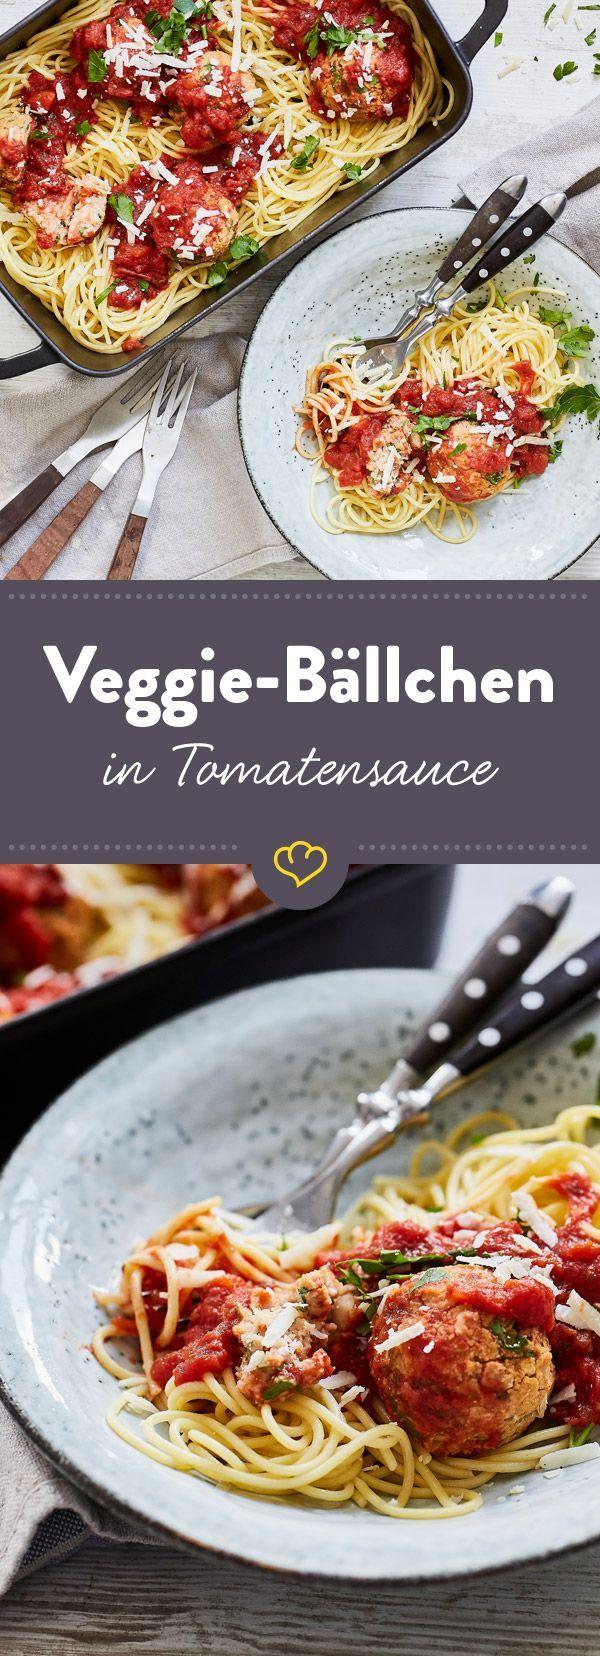 Lieblingspasta satt, Tomatensauce und Veggie-Bällchen, die Klein und Groß fleischlos glücklich machen. So geht Familien-Dinner!